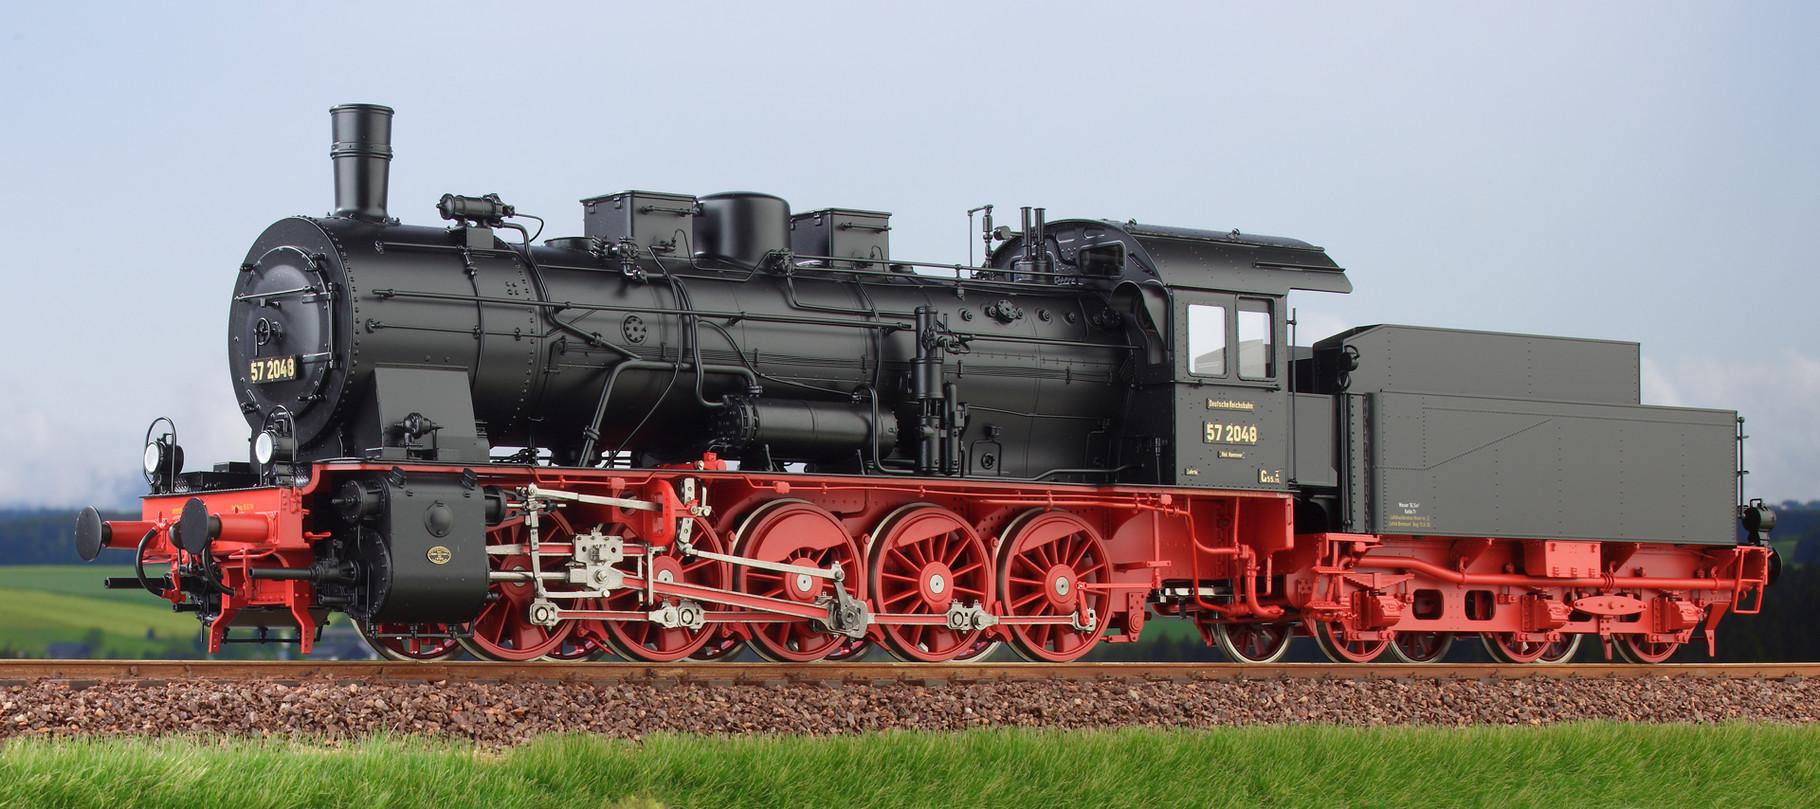 Spur 0 Baureihe 57.10 preussische G10 Lokomotive Nr. 57 2048 Epoche II